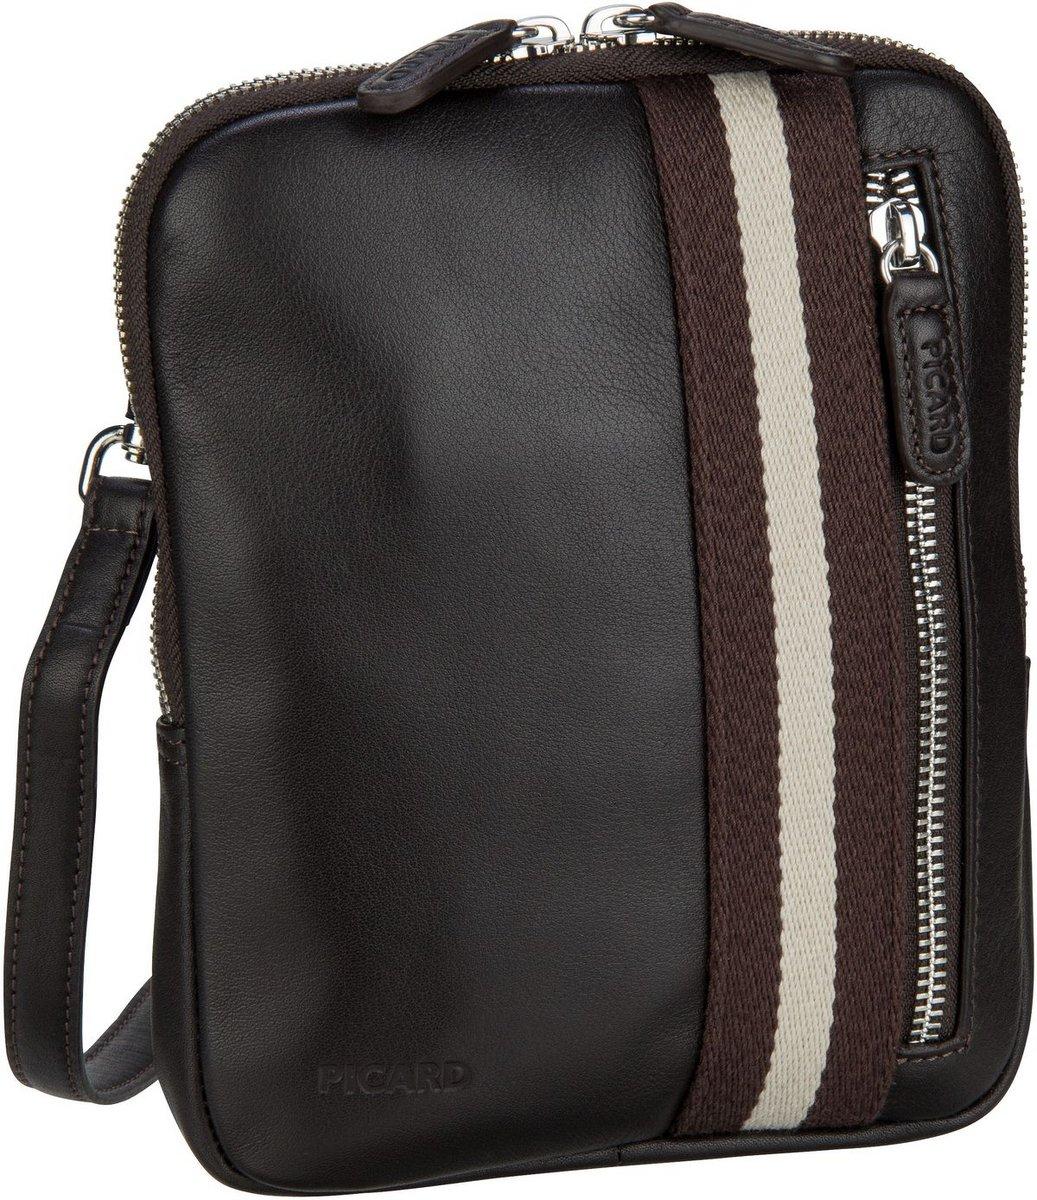 Taschenkaufhaus Online Picard Kaufen Taschen Im Lq5Aj34R